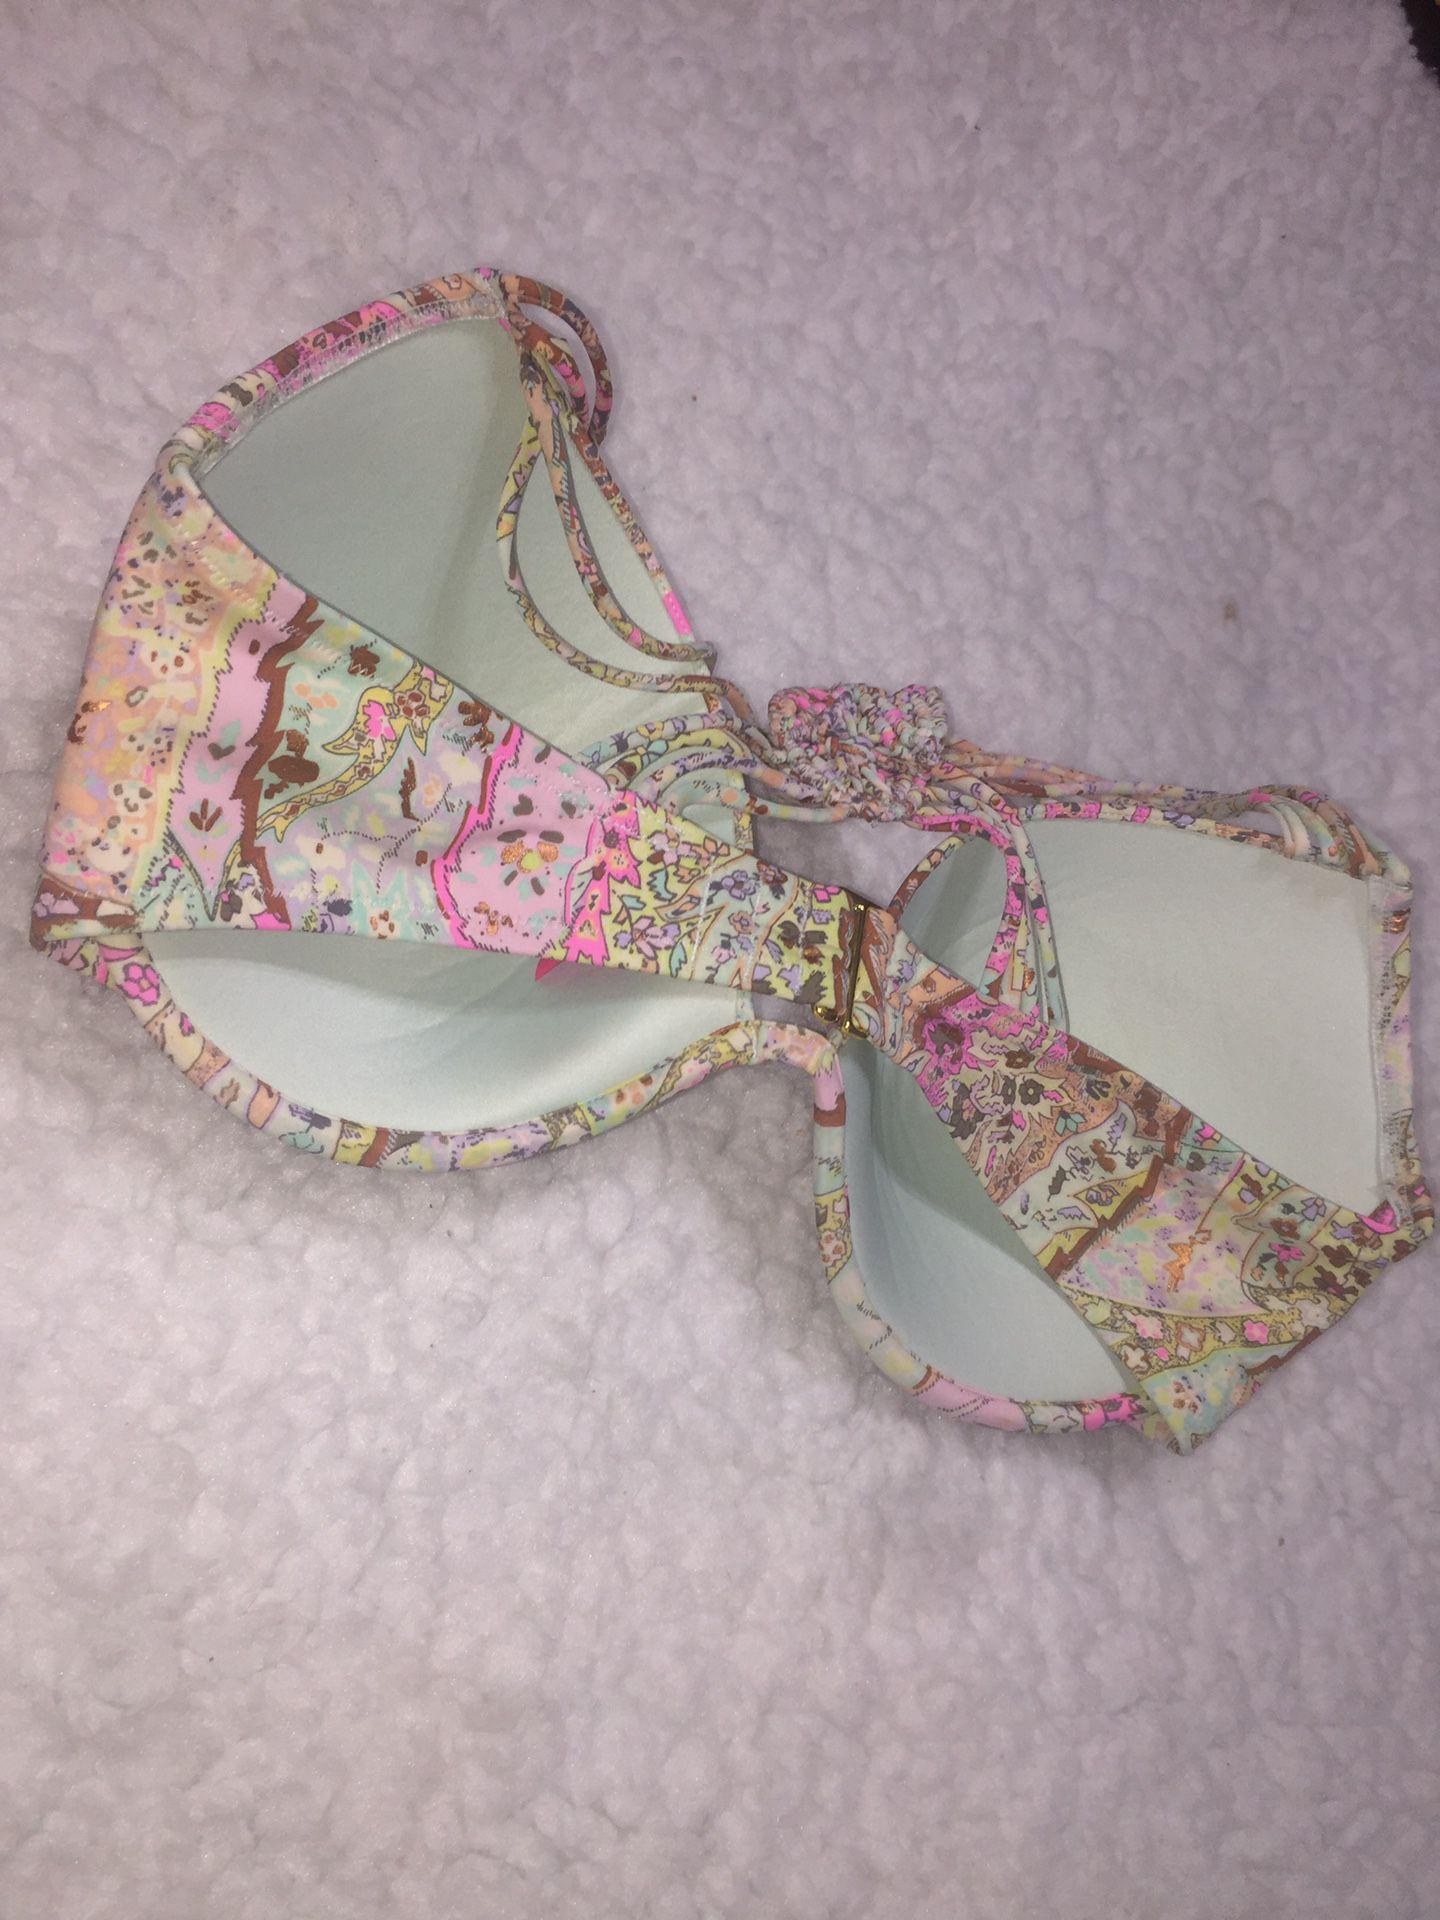 Victoria's Secret size 36DD $10